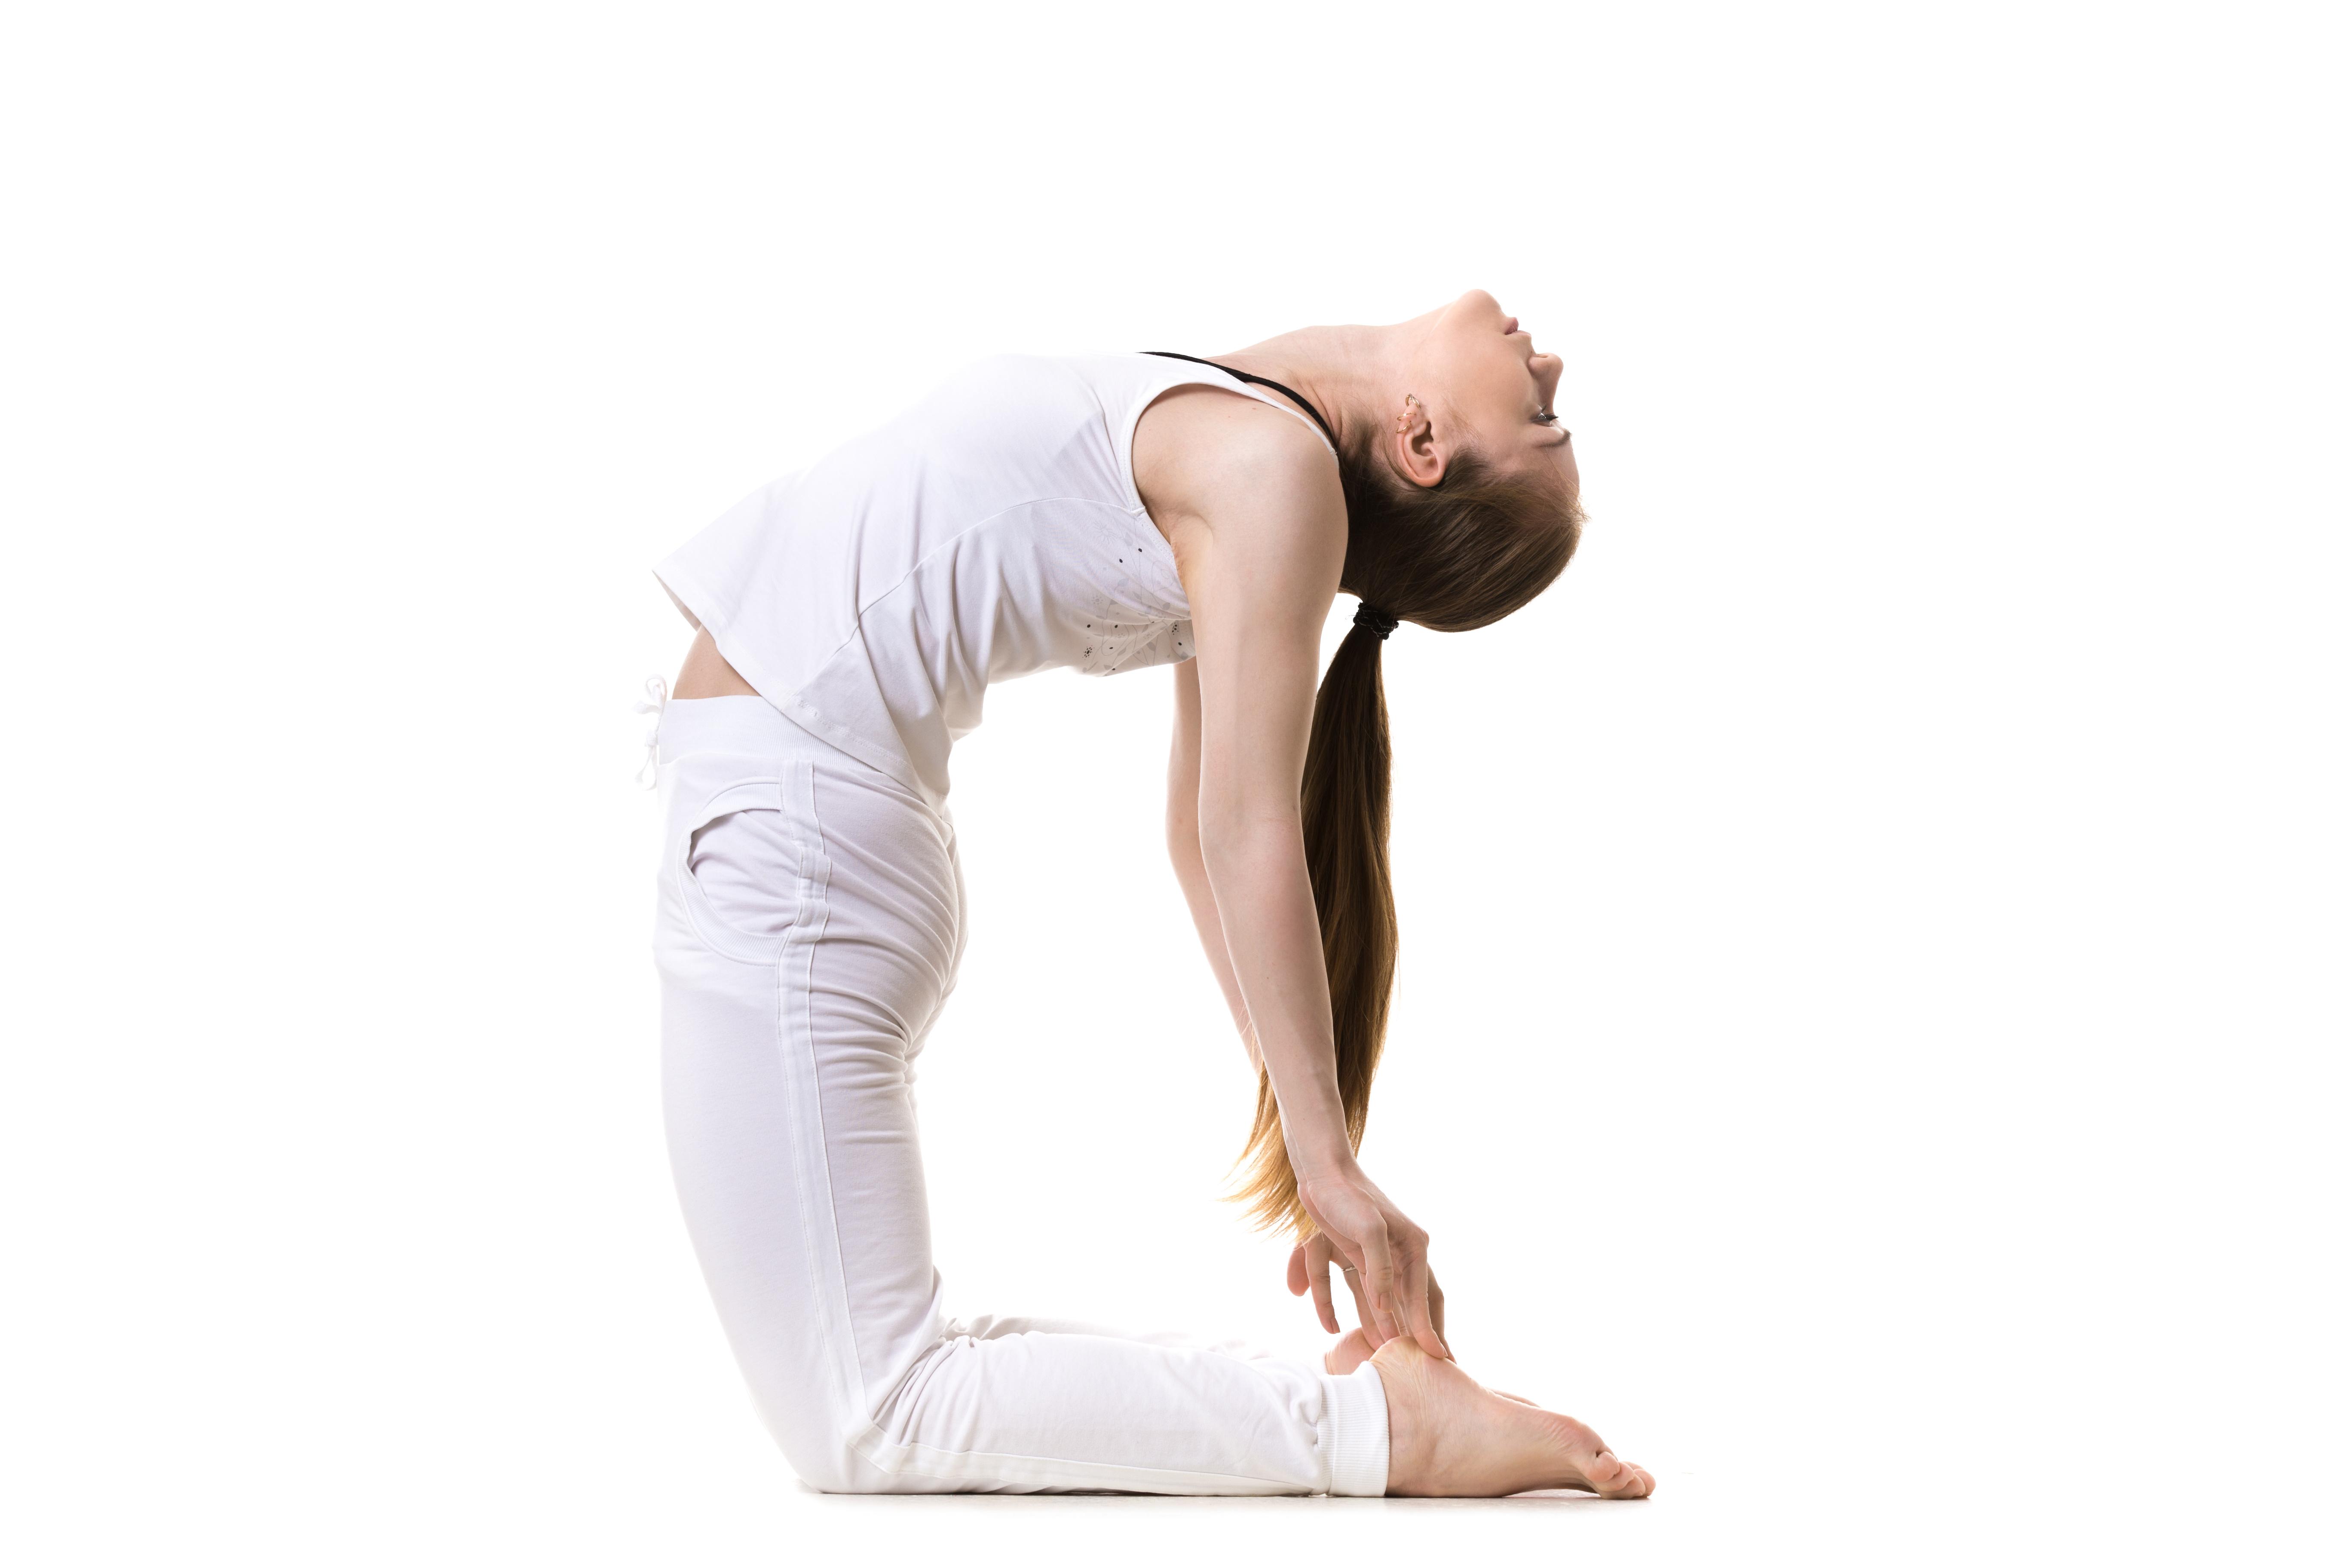 Yoga-Übung.jpg